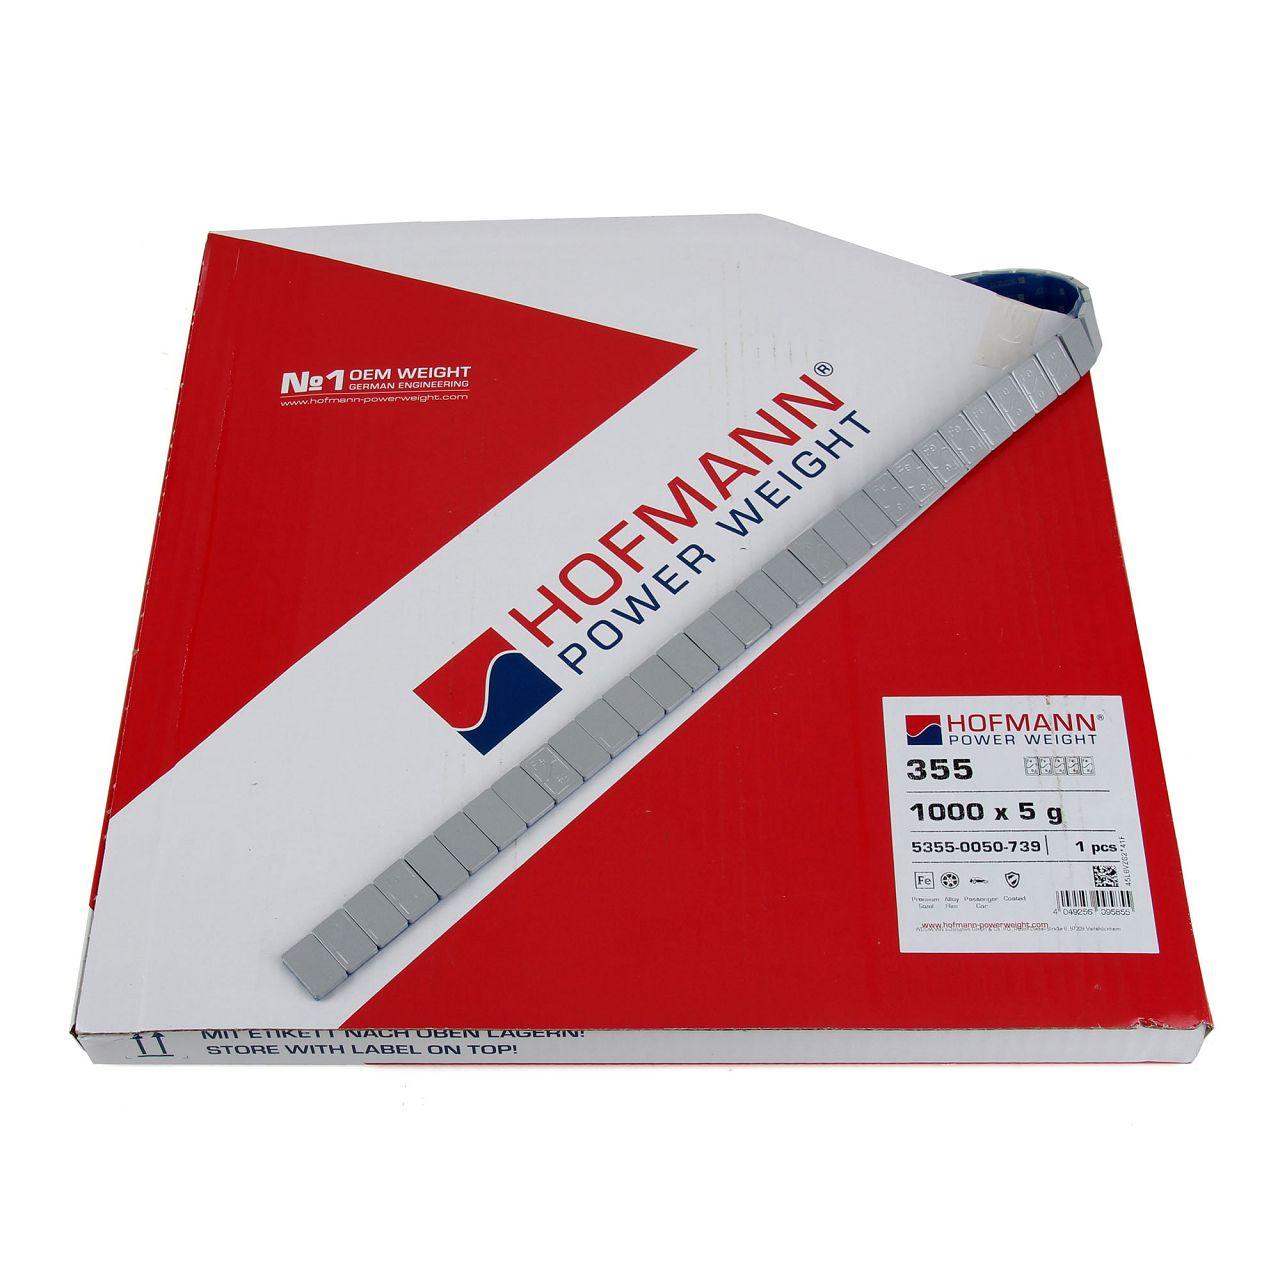 HOFMANN Auswuchtgewichte Klebegewichte SILBER-STAHL 3,8mm | 1000 Stück x 5g